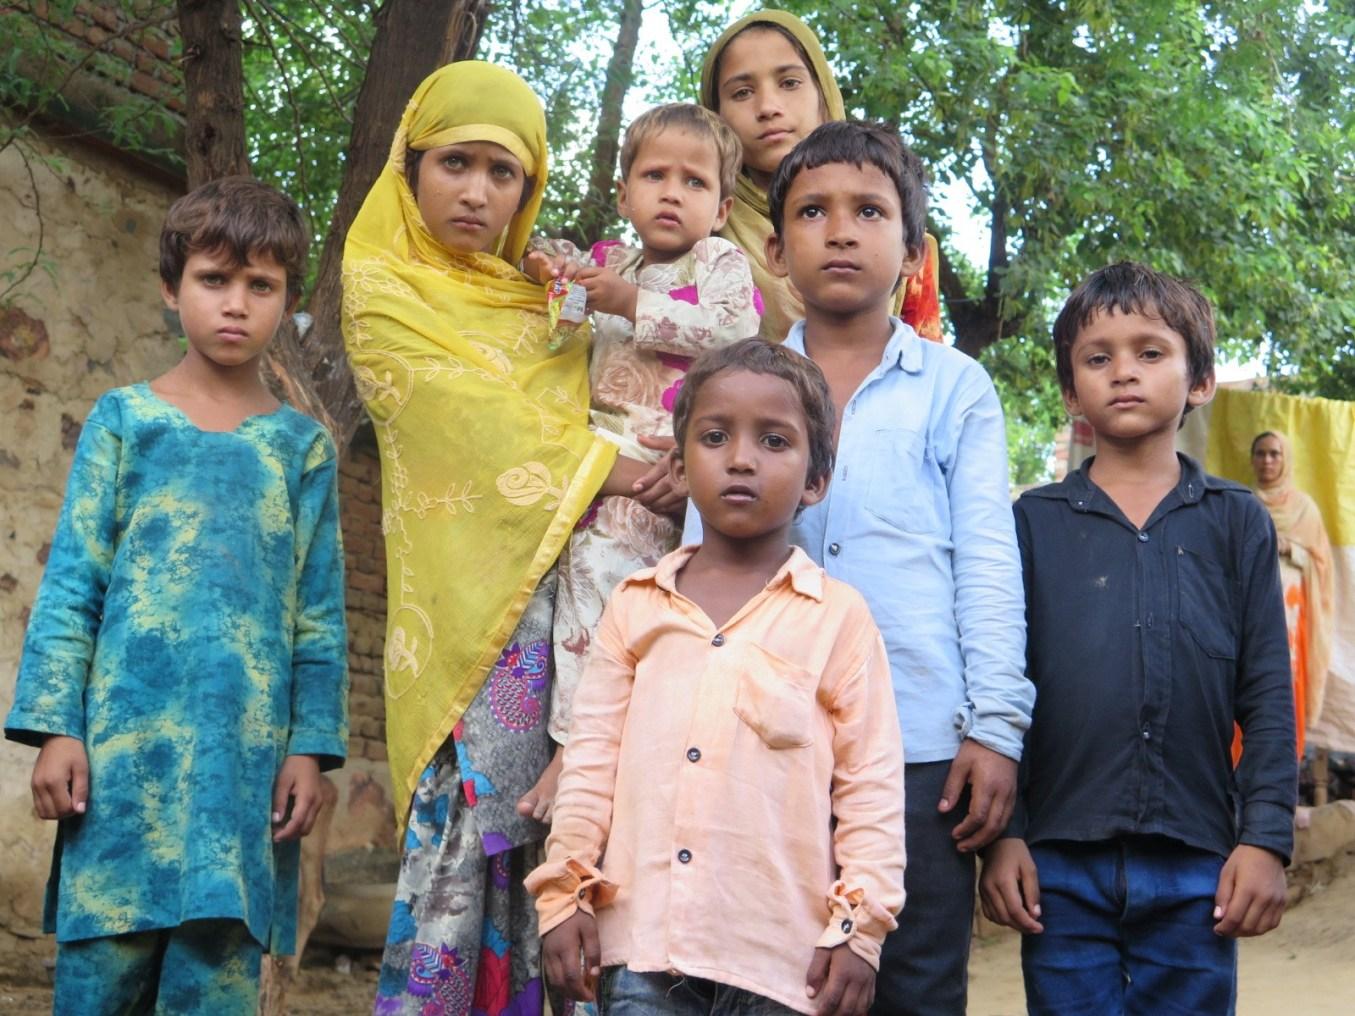 اکبر کے بچے (فوٹو : جیوتی یادو)